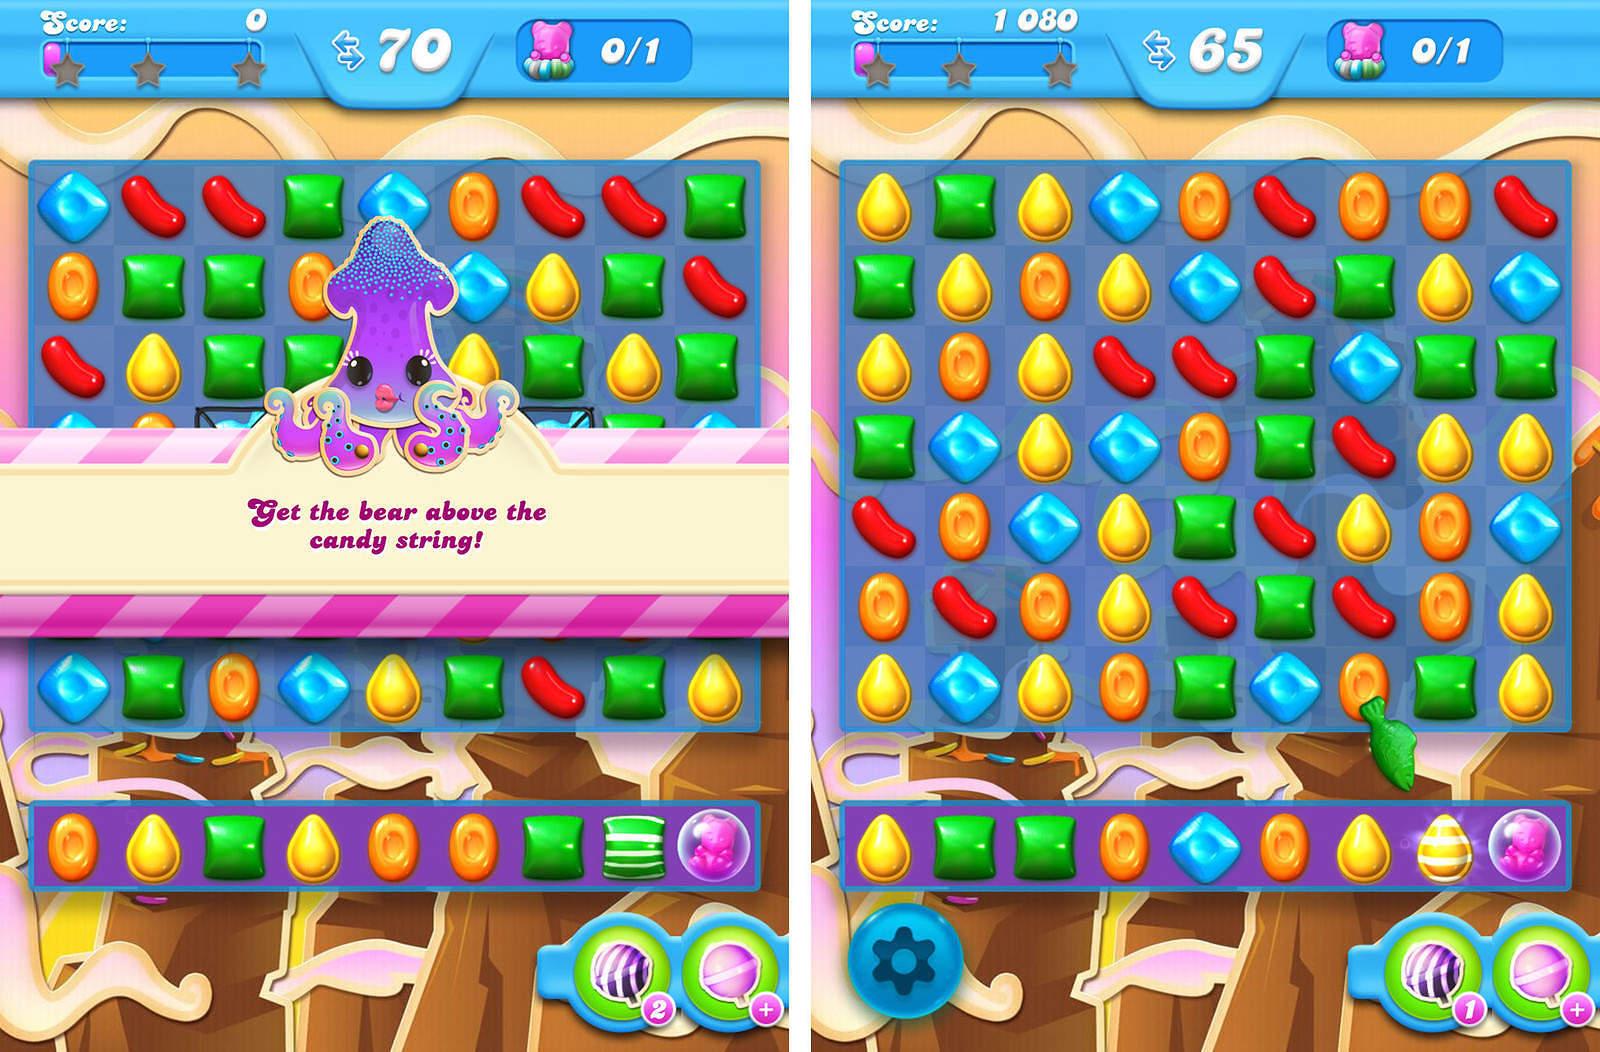 Candy Crush Soda Livello 72 Sezione 1